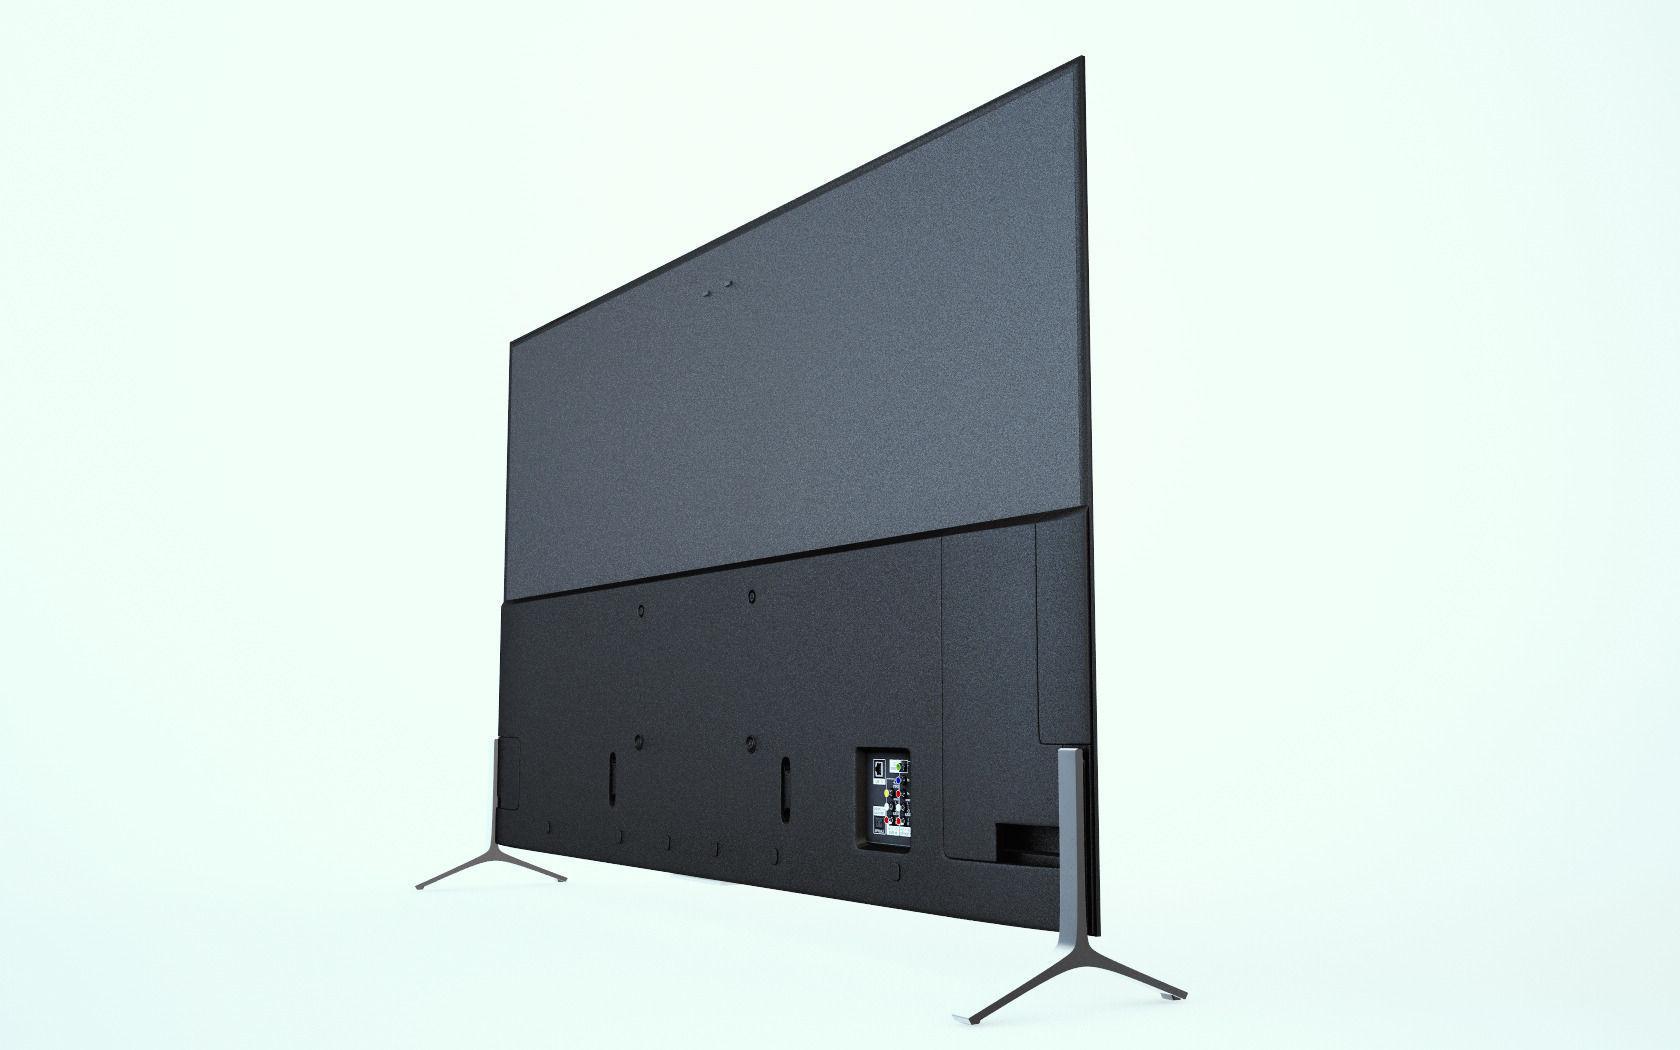 sony 65 inch 4k tv 2015 model 3d model c4d. Black Bedroom Furniture Sets. Home Design Ideas